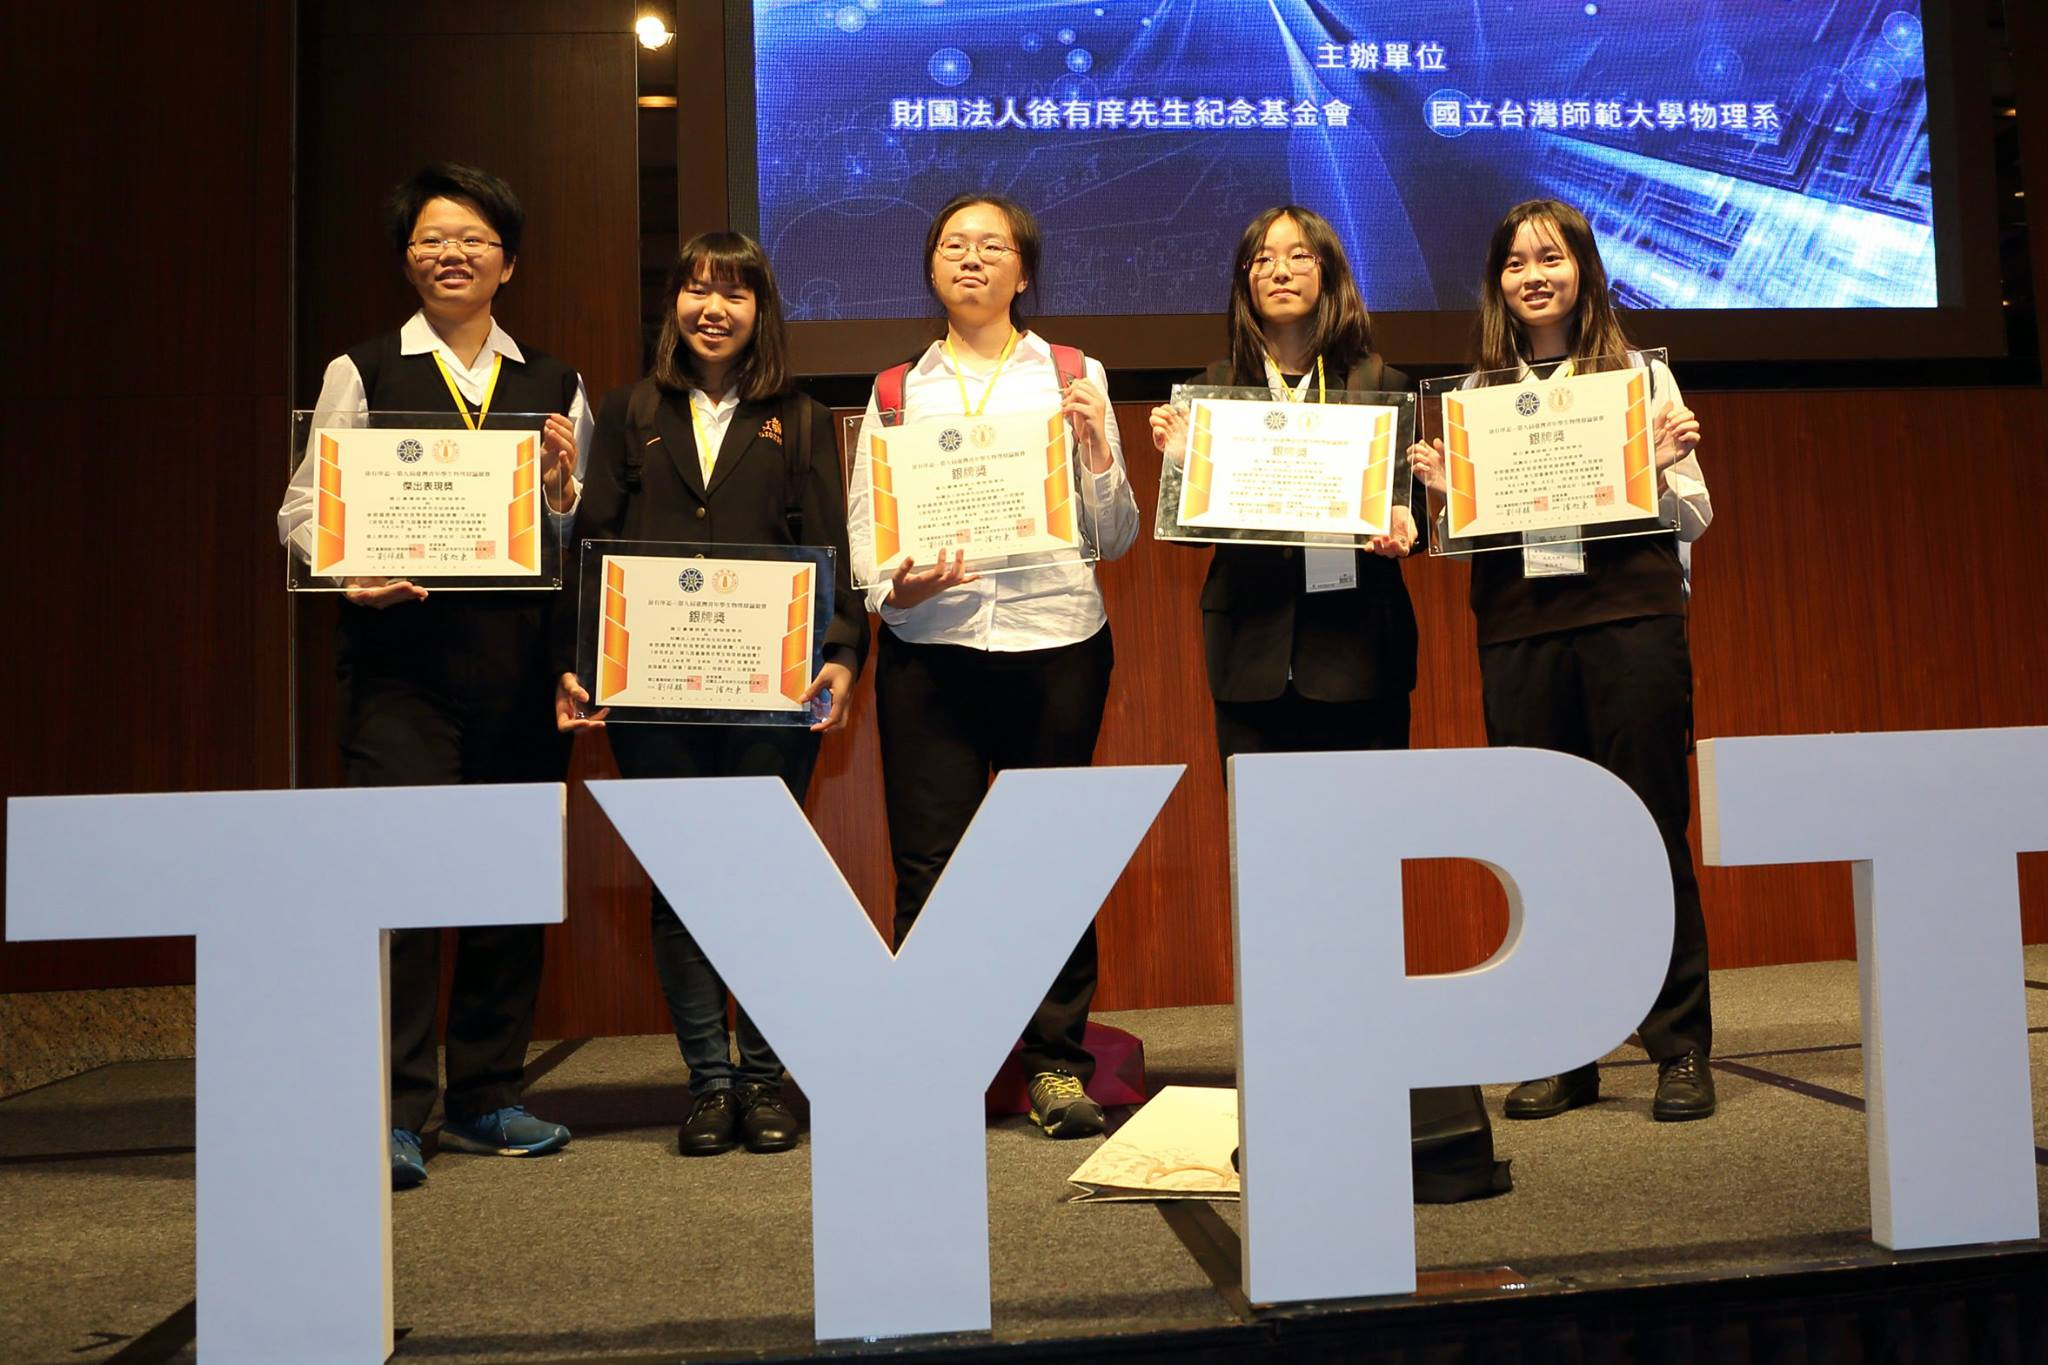 競賽題目使用 - 臺灣青年學生物理辯論競賽